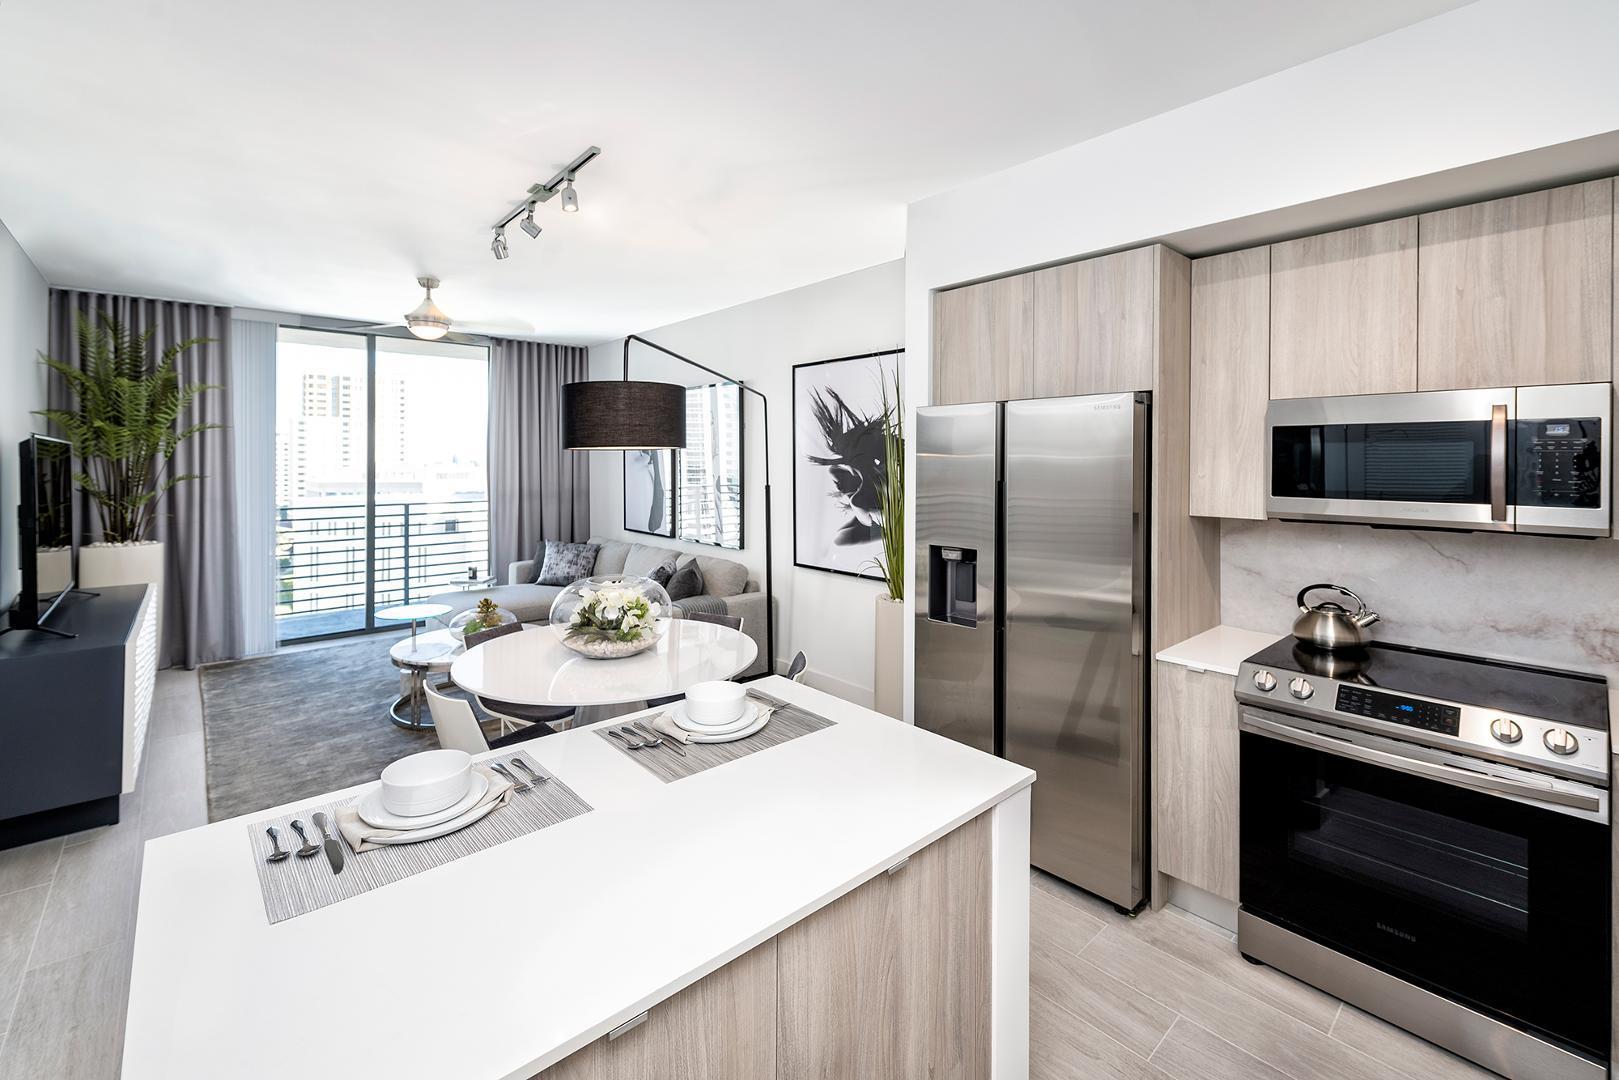 416 SW 1st Avenue #809, Fort Lauderdale, FL - $2,271 USD/ month